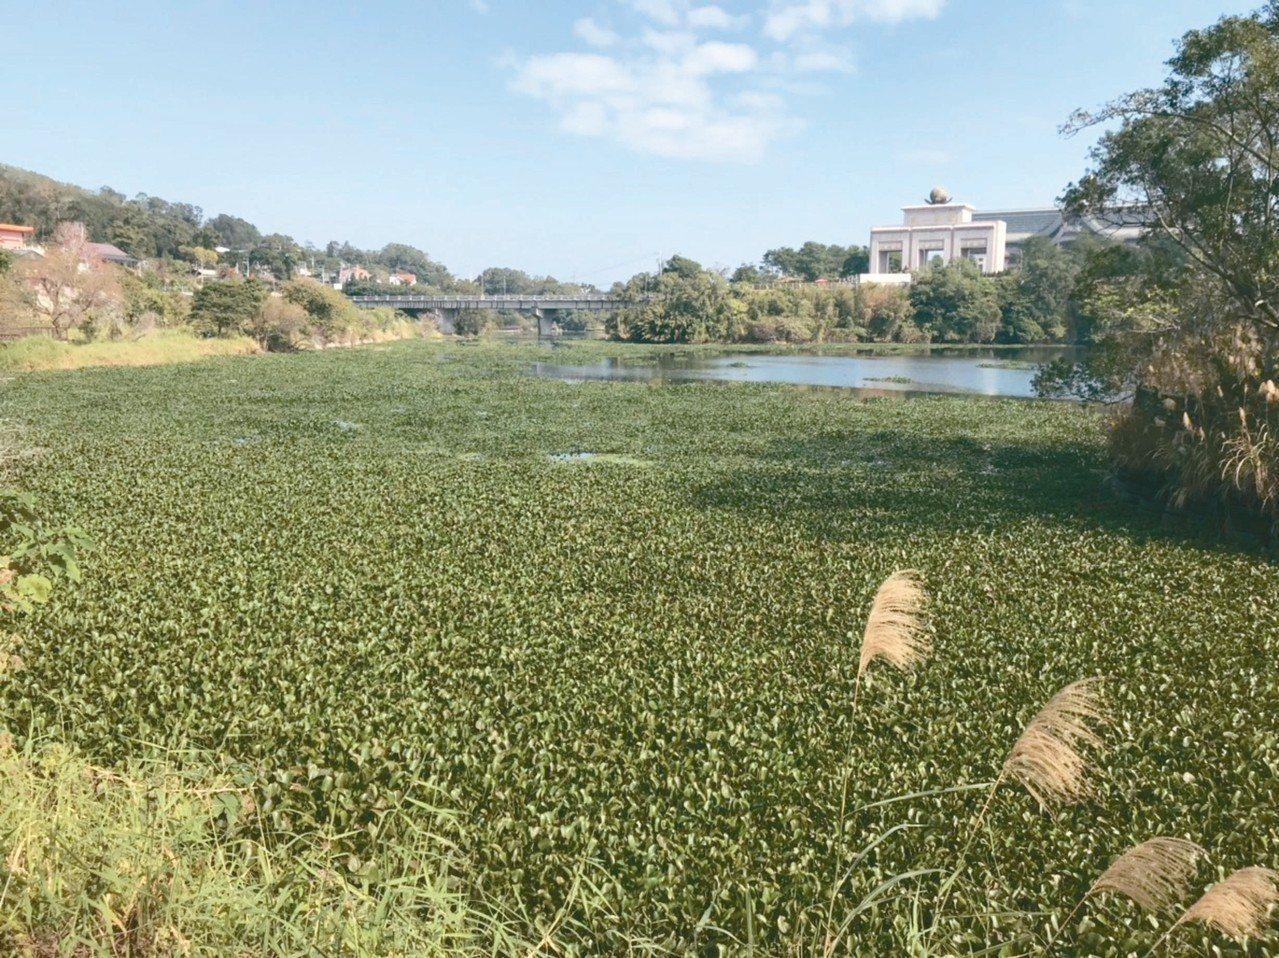 新竹縣峨眉湖布滿布袋蓮,影響遊湖景致,鄉公所將盡速清除。 記者陳斯穎/攝影